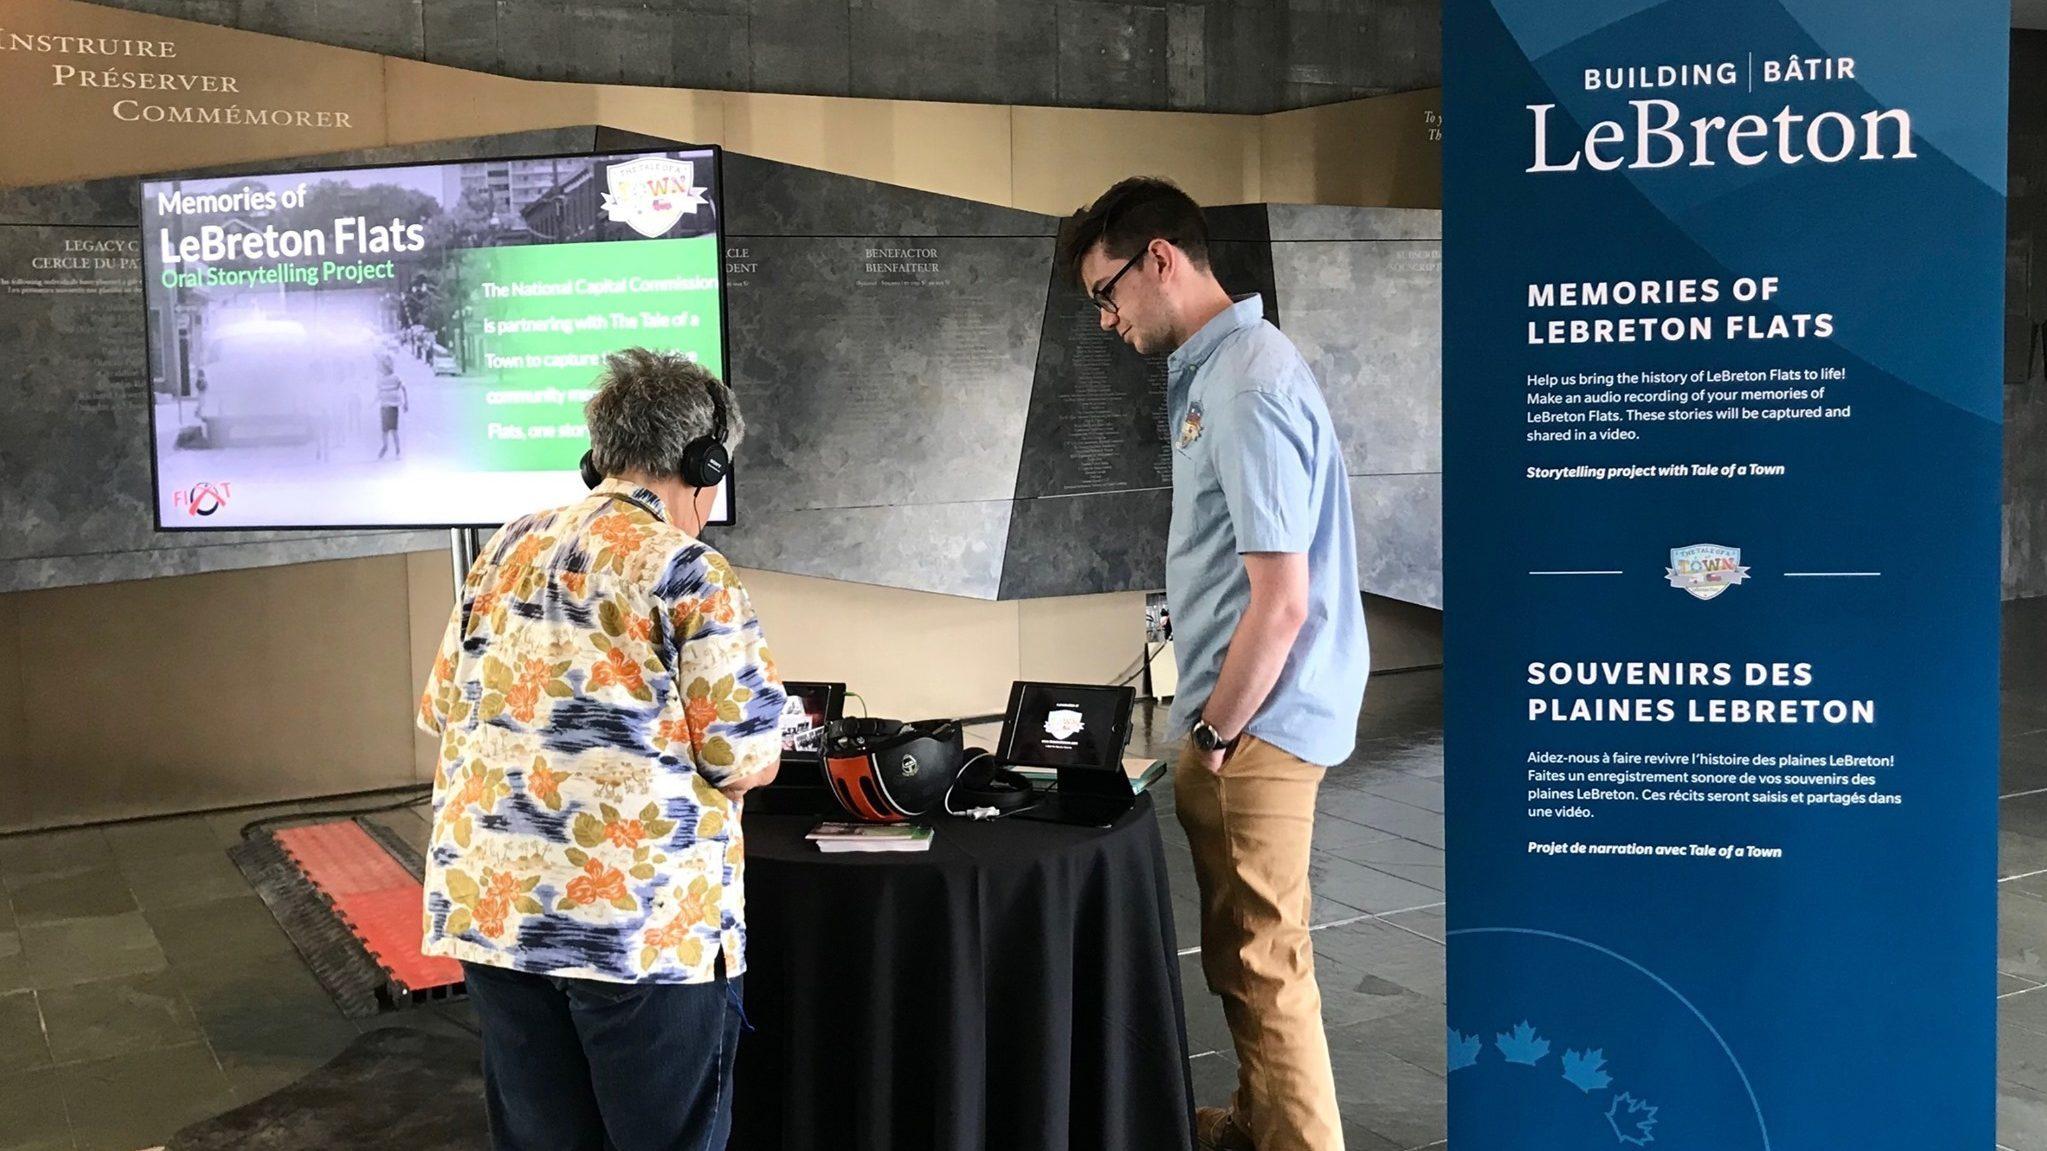 Une personne portant un casque d'écoute, vue de dos, dans une cabine d'enregistrement installée dans le cadre du projet de narration Souvenirs des plaines LeBreton. Un employé lui tient compagnie.